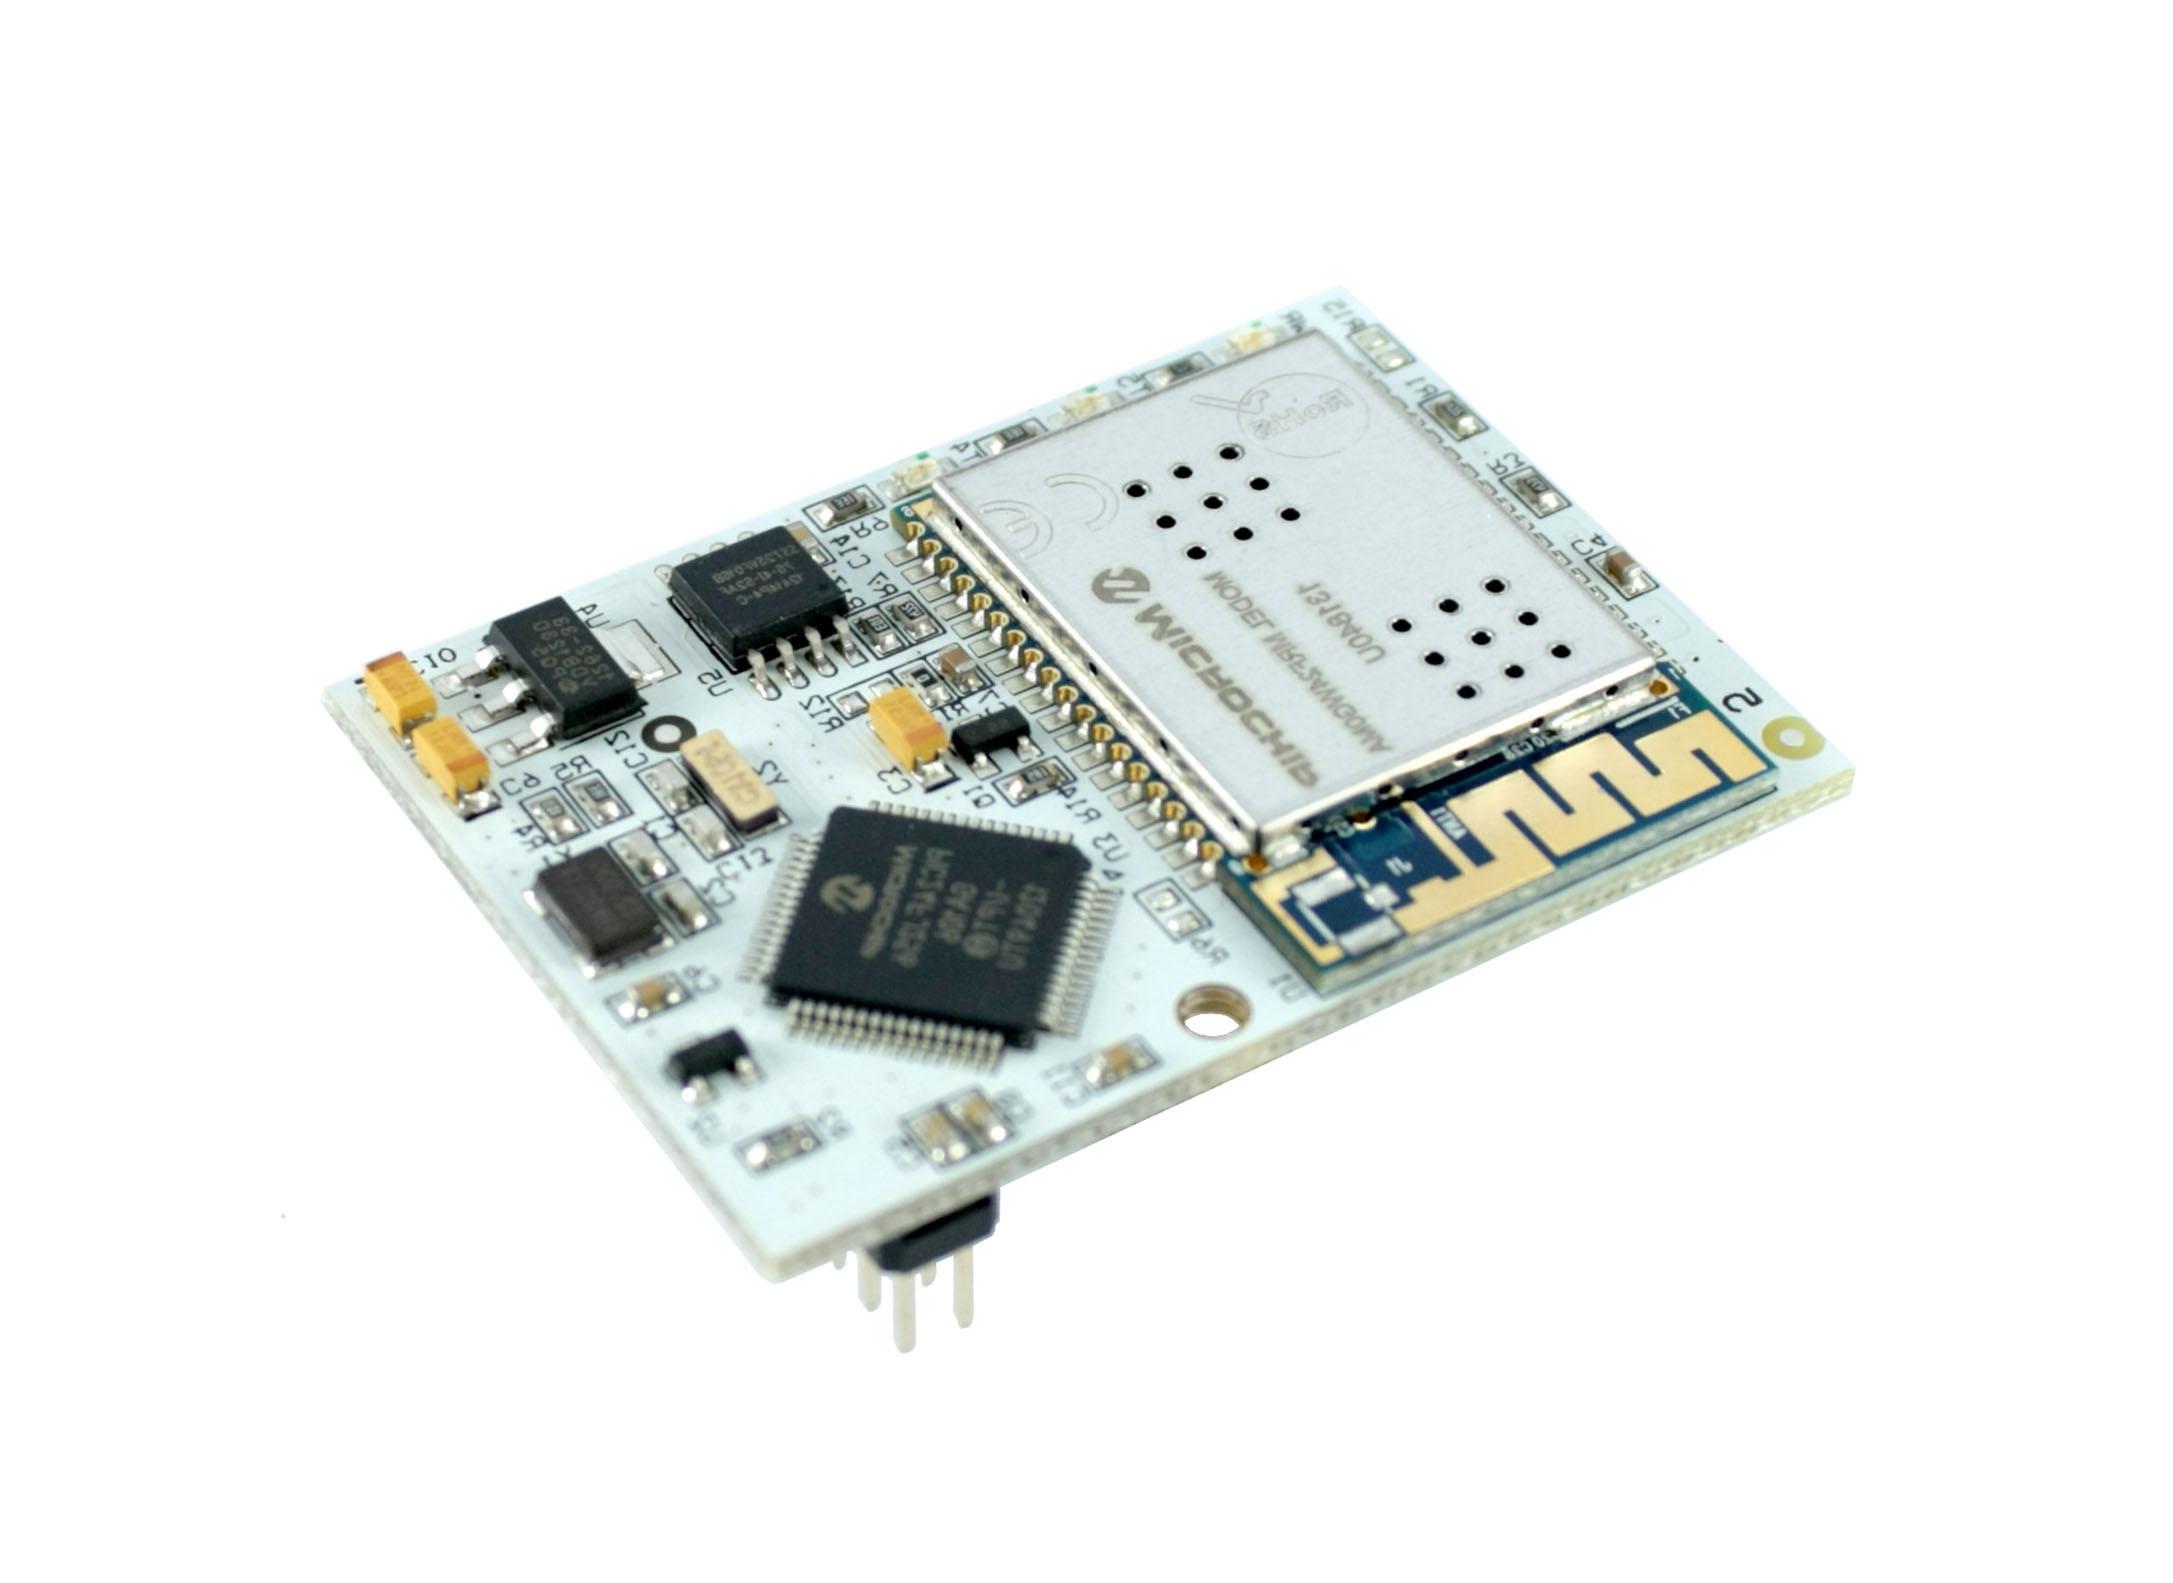 Flyport Wi-Fi 802.11gw / PCB Antenna